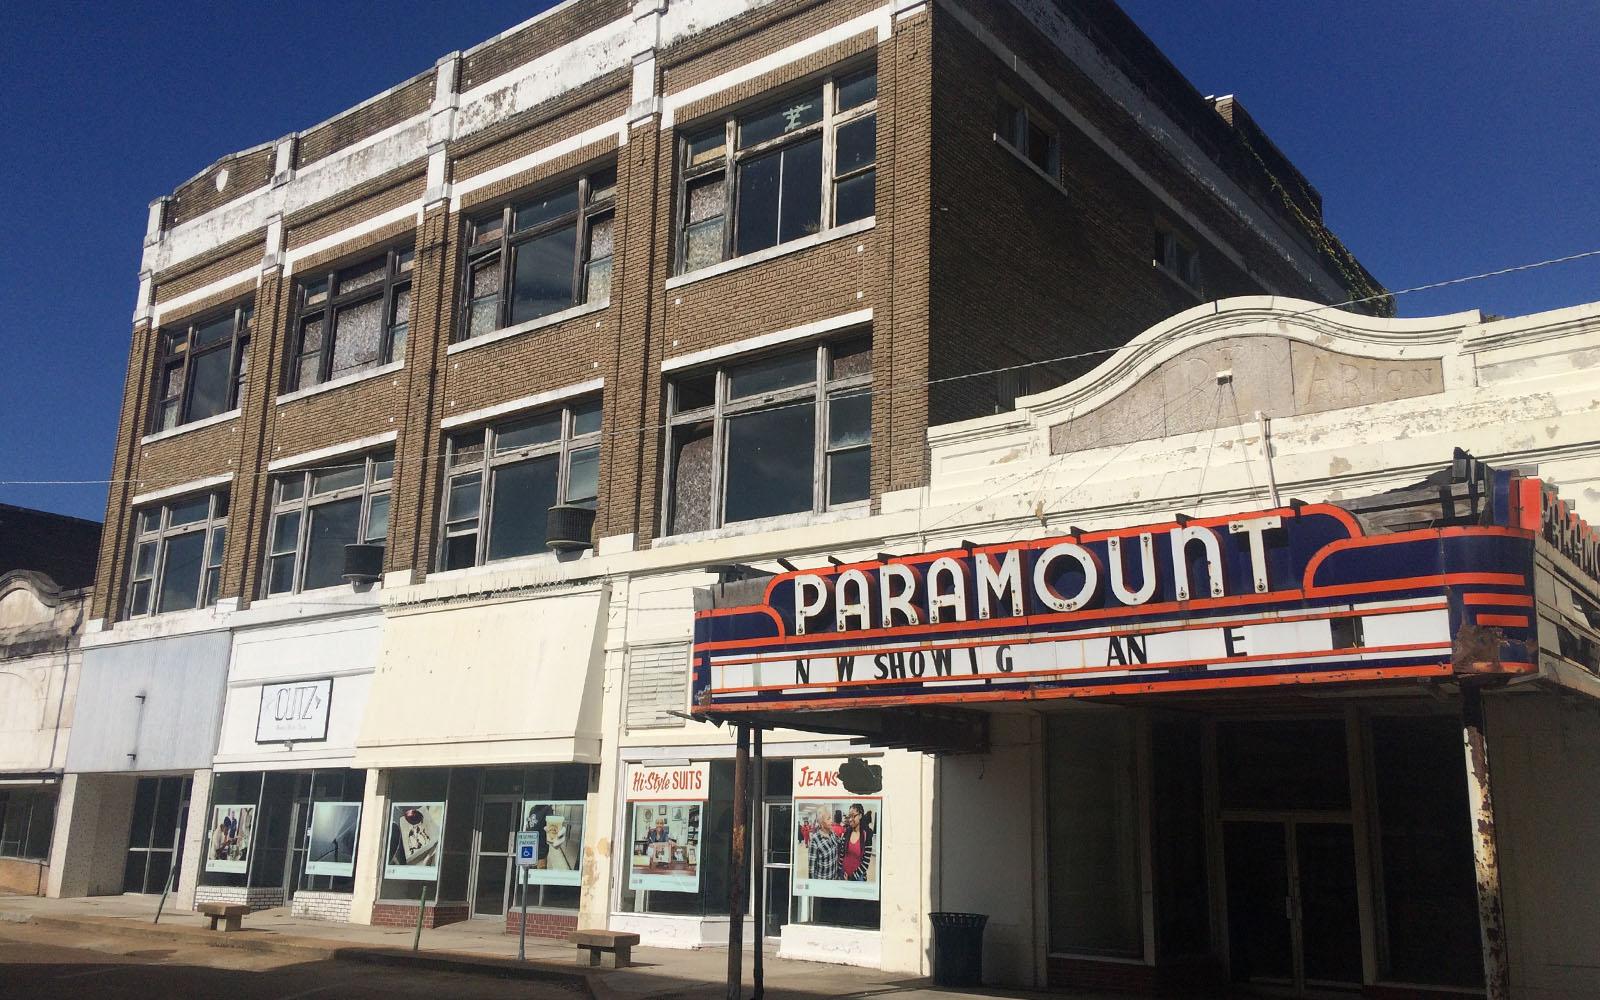 La storica insegna del Paramount Theatre, nel downtown di Clarksdale.